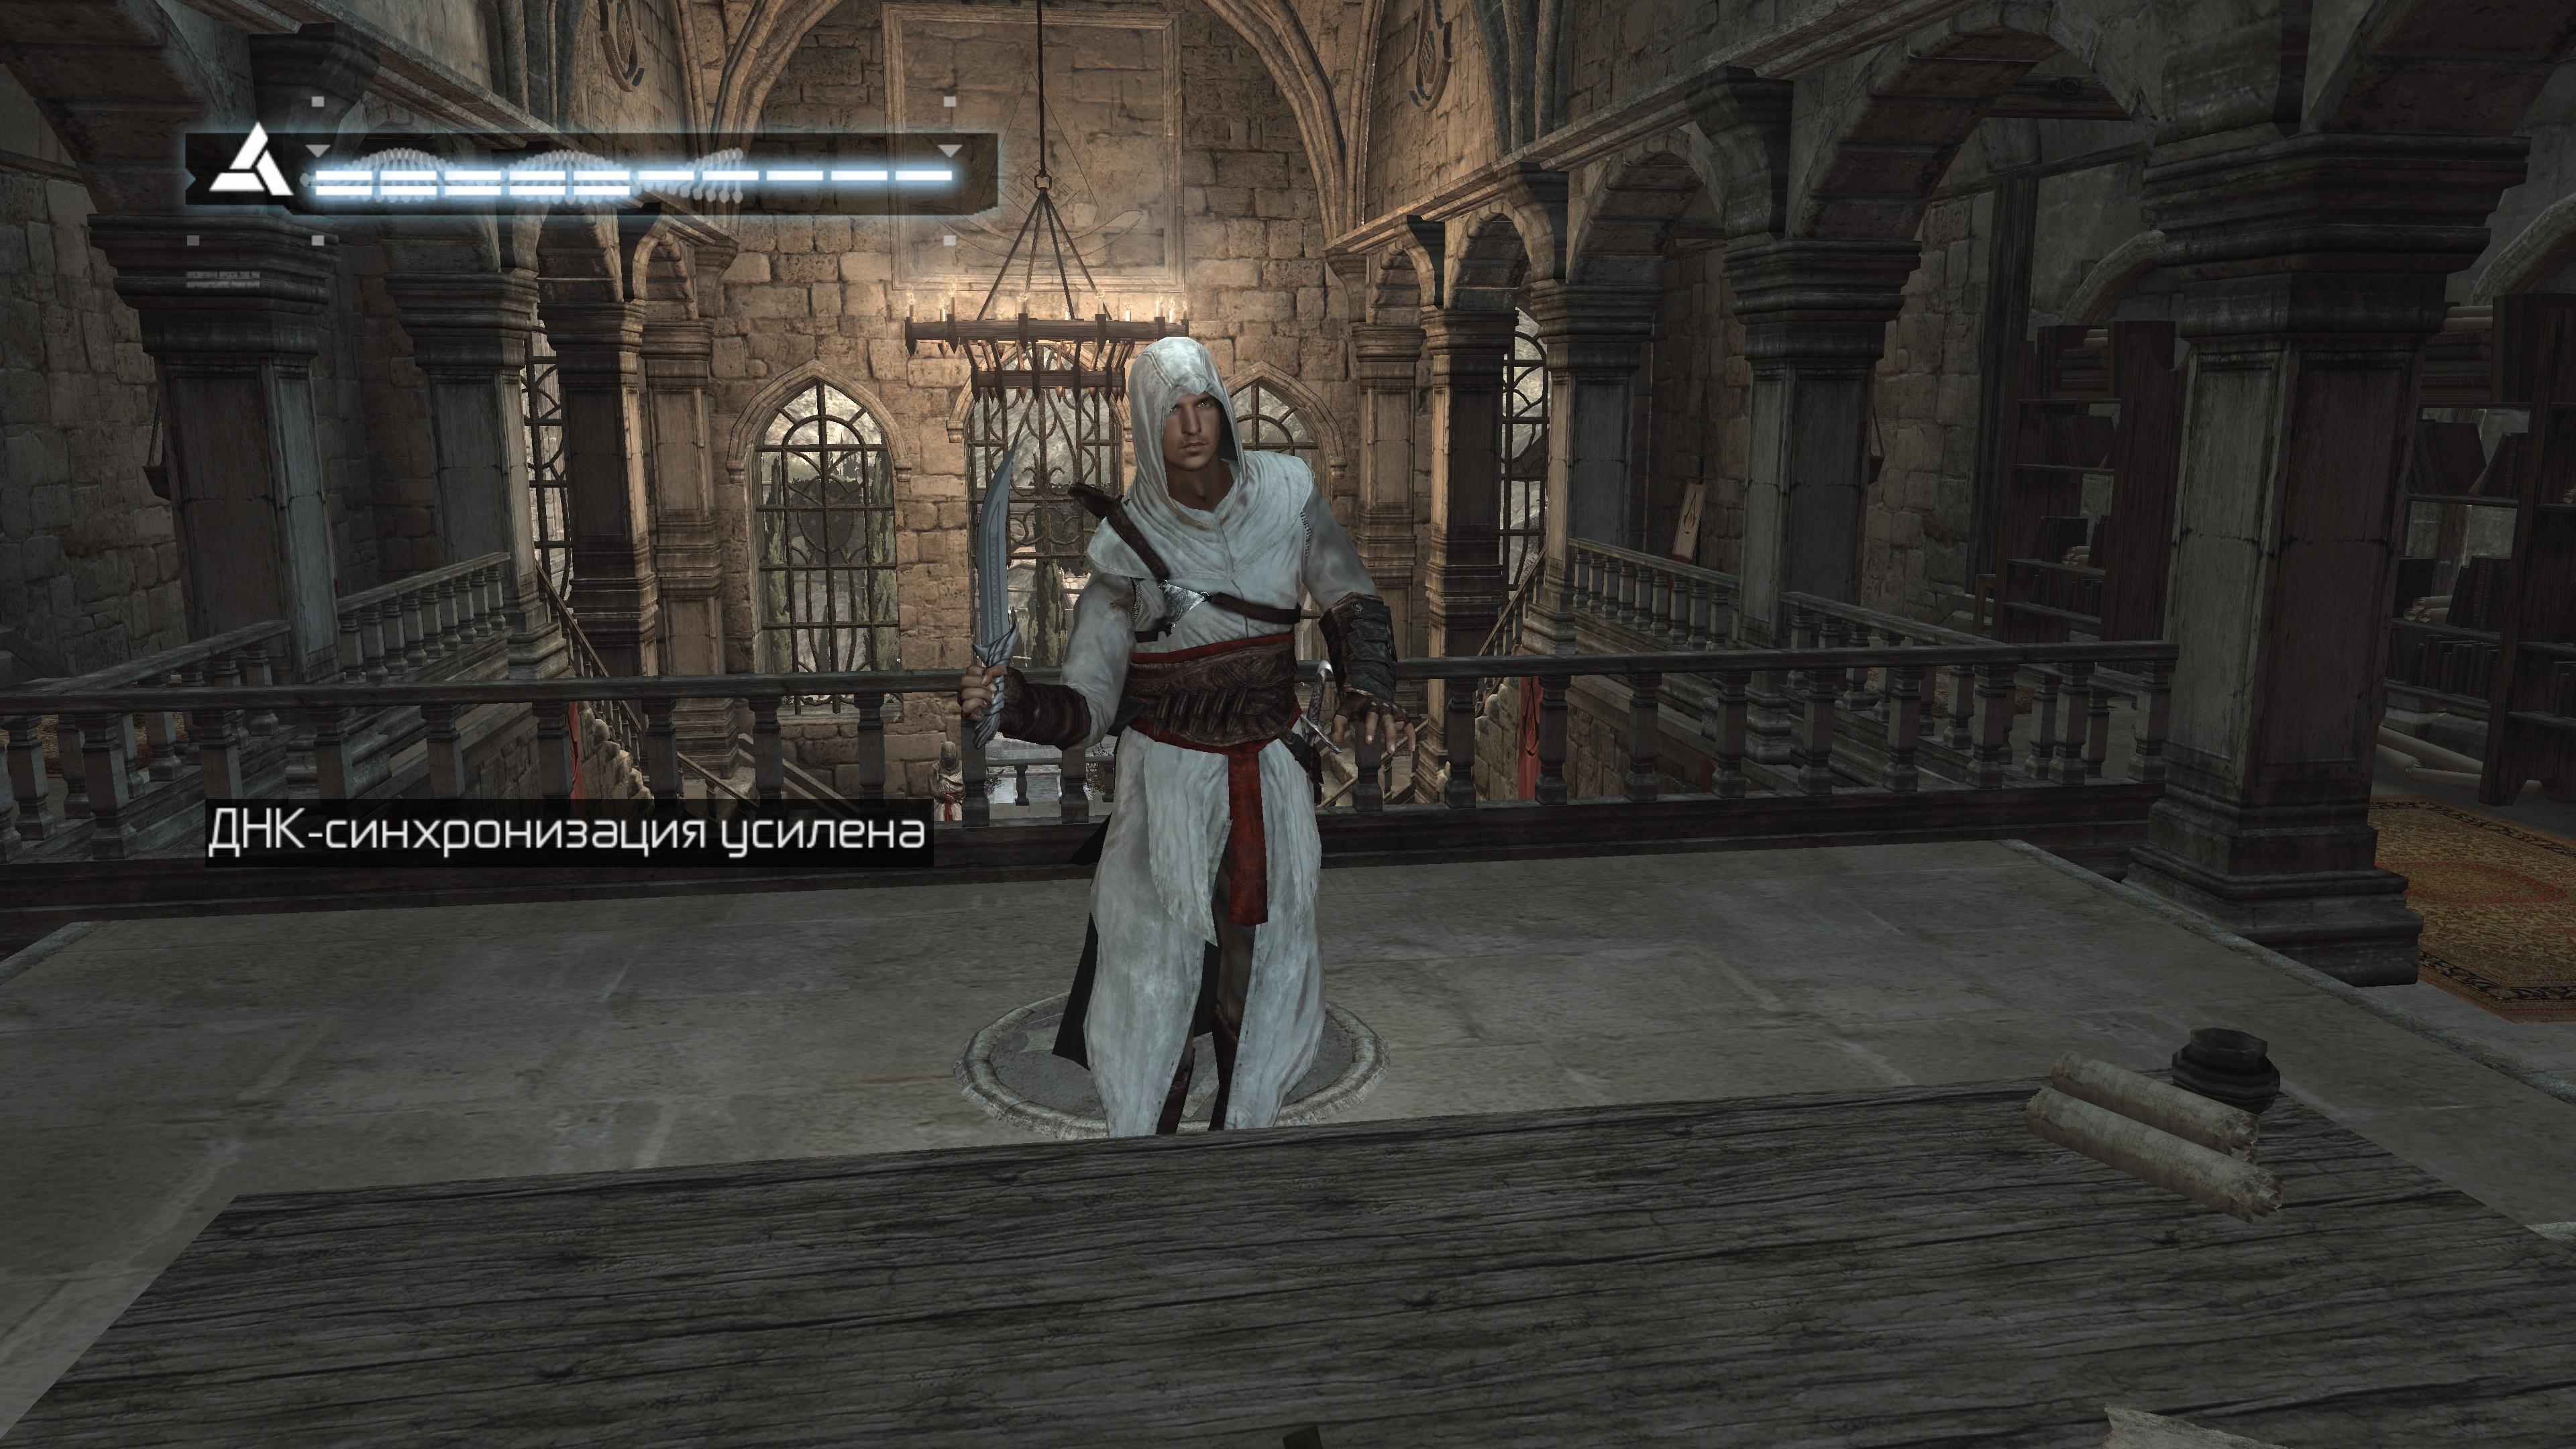 AssassinsCreed_Dx10 2020-02-14 00-19-21-742.jpg - Assassin's Creed